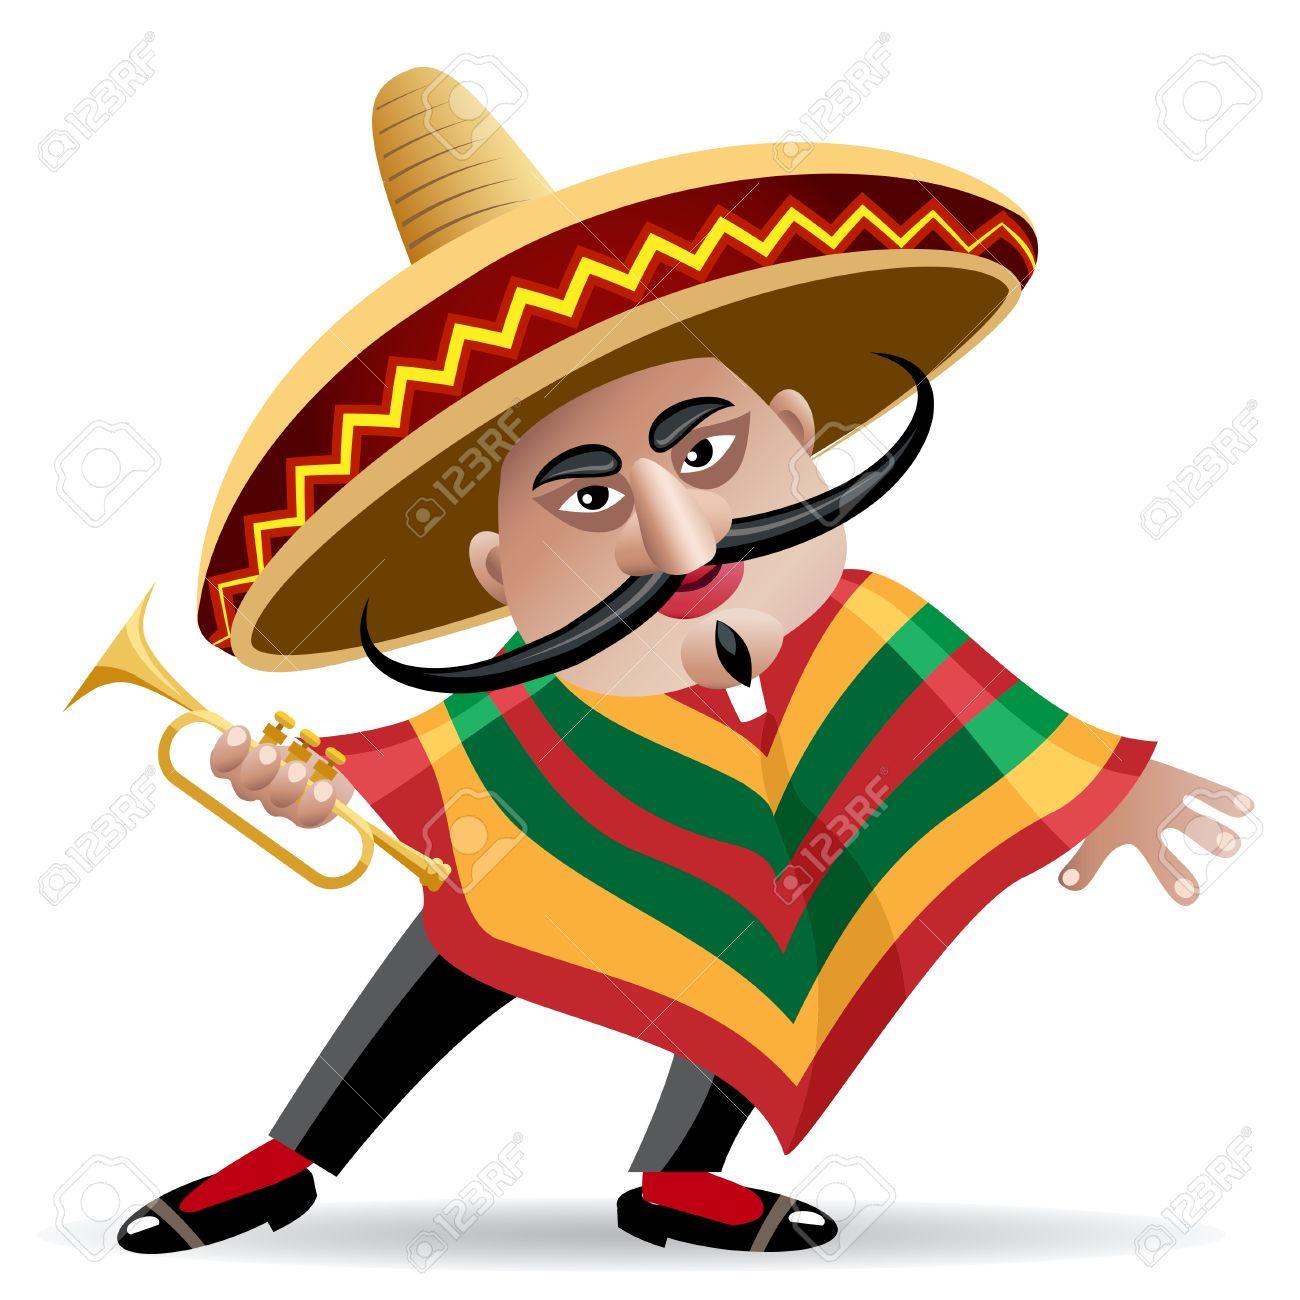 Foto de archivo - Ilustración del músico mexicano en sombrero con la  trompeta dibujado en estilo de dibujos animados ec02429d953